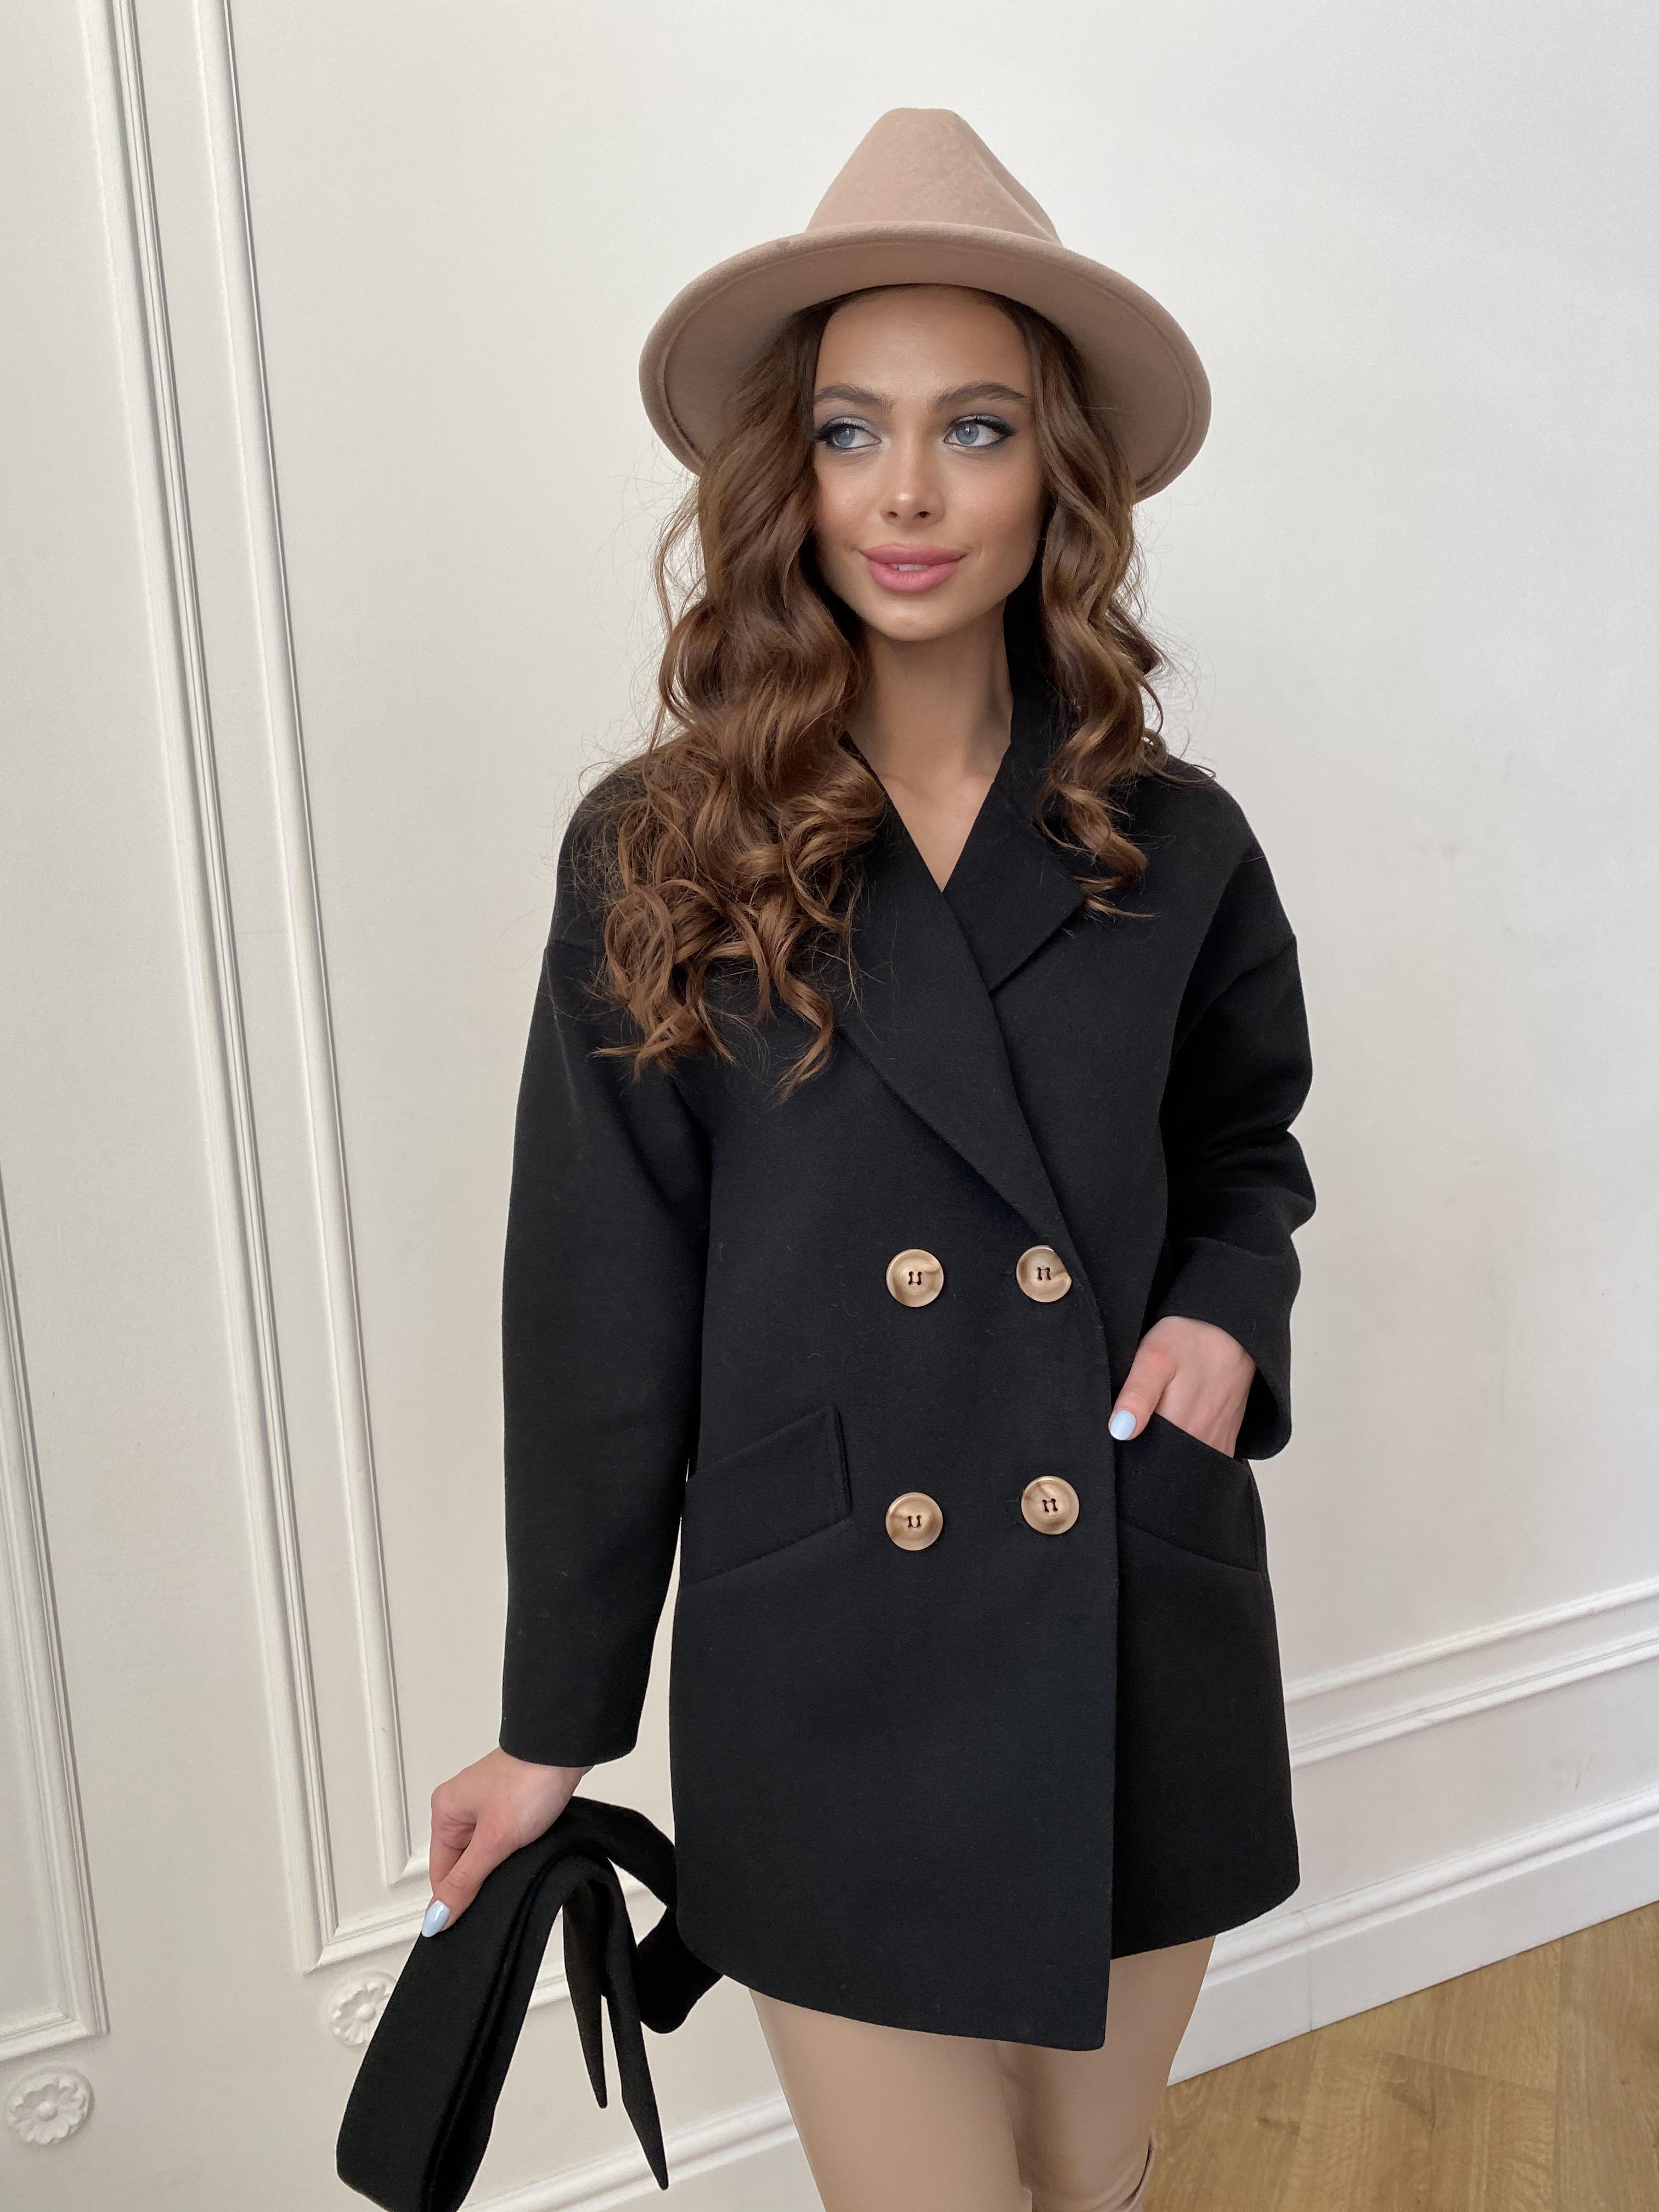 Бонд пальто из гладкого кашемира 10900 АРТ. 47367 Цвет: Черный - фото 1, интернет магазин tm-modus.ru